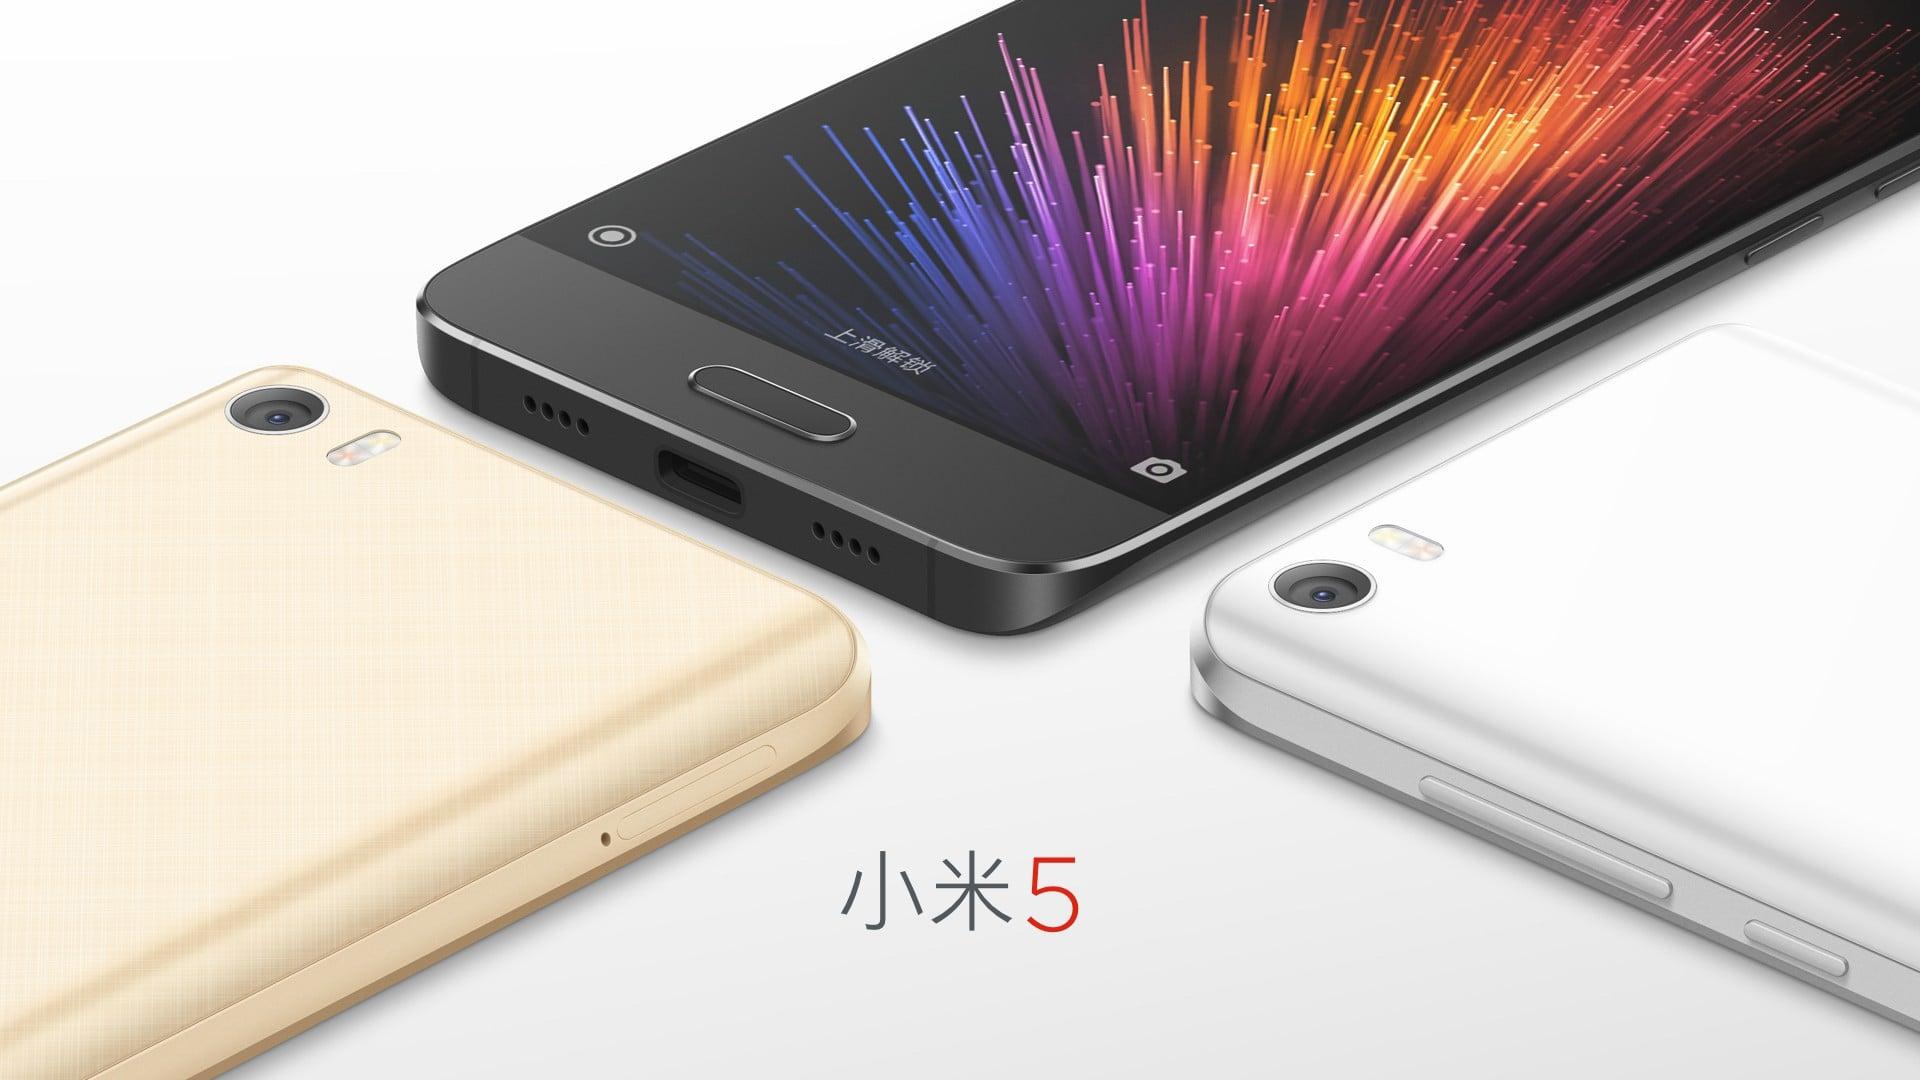 Jaki smartfon jest najpopularniejszy w Chinach? Tak, Xiaomi Mi 5 20